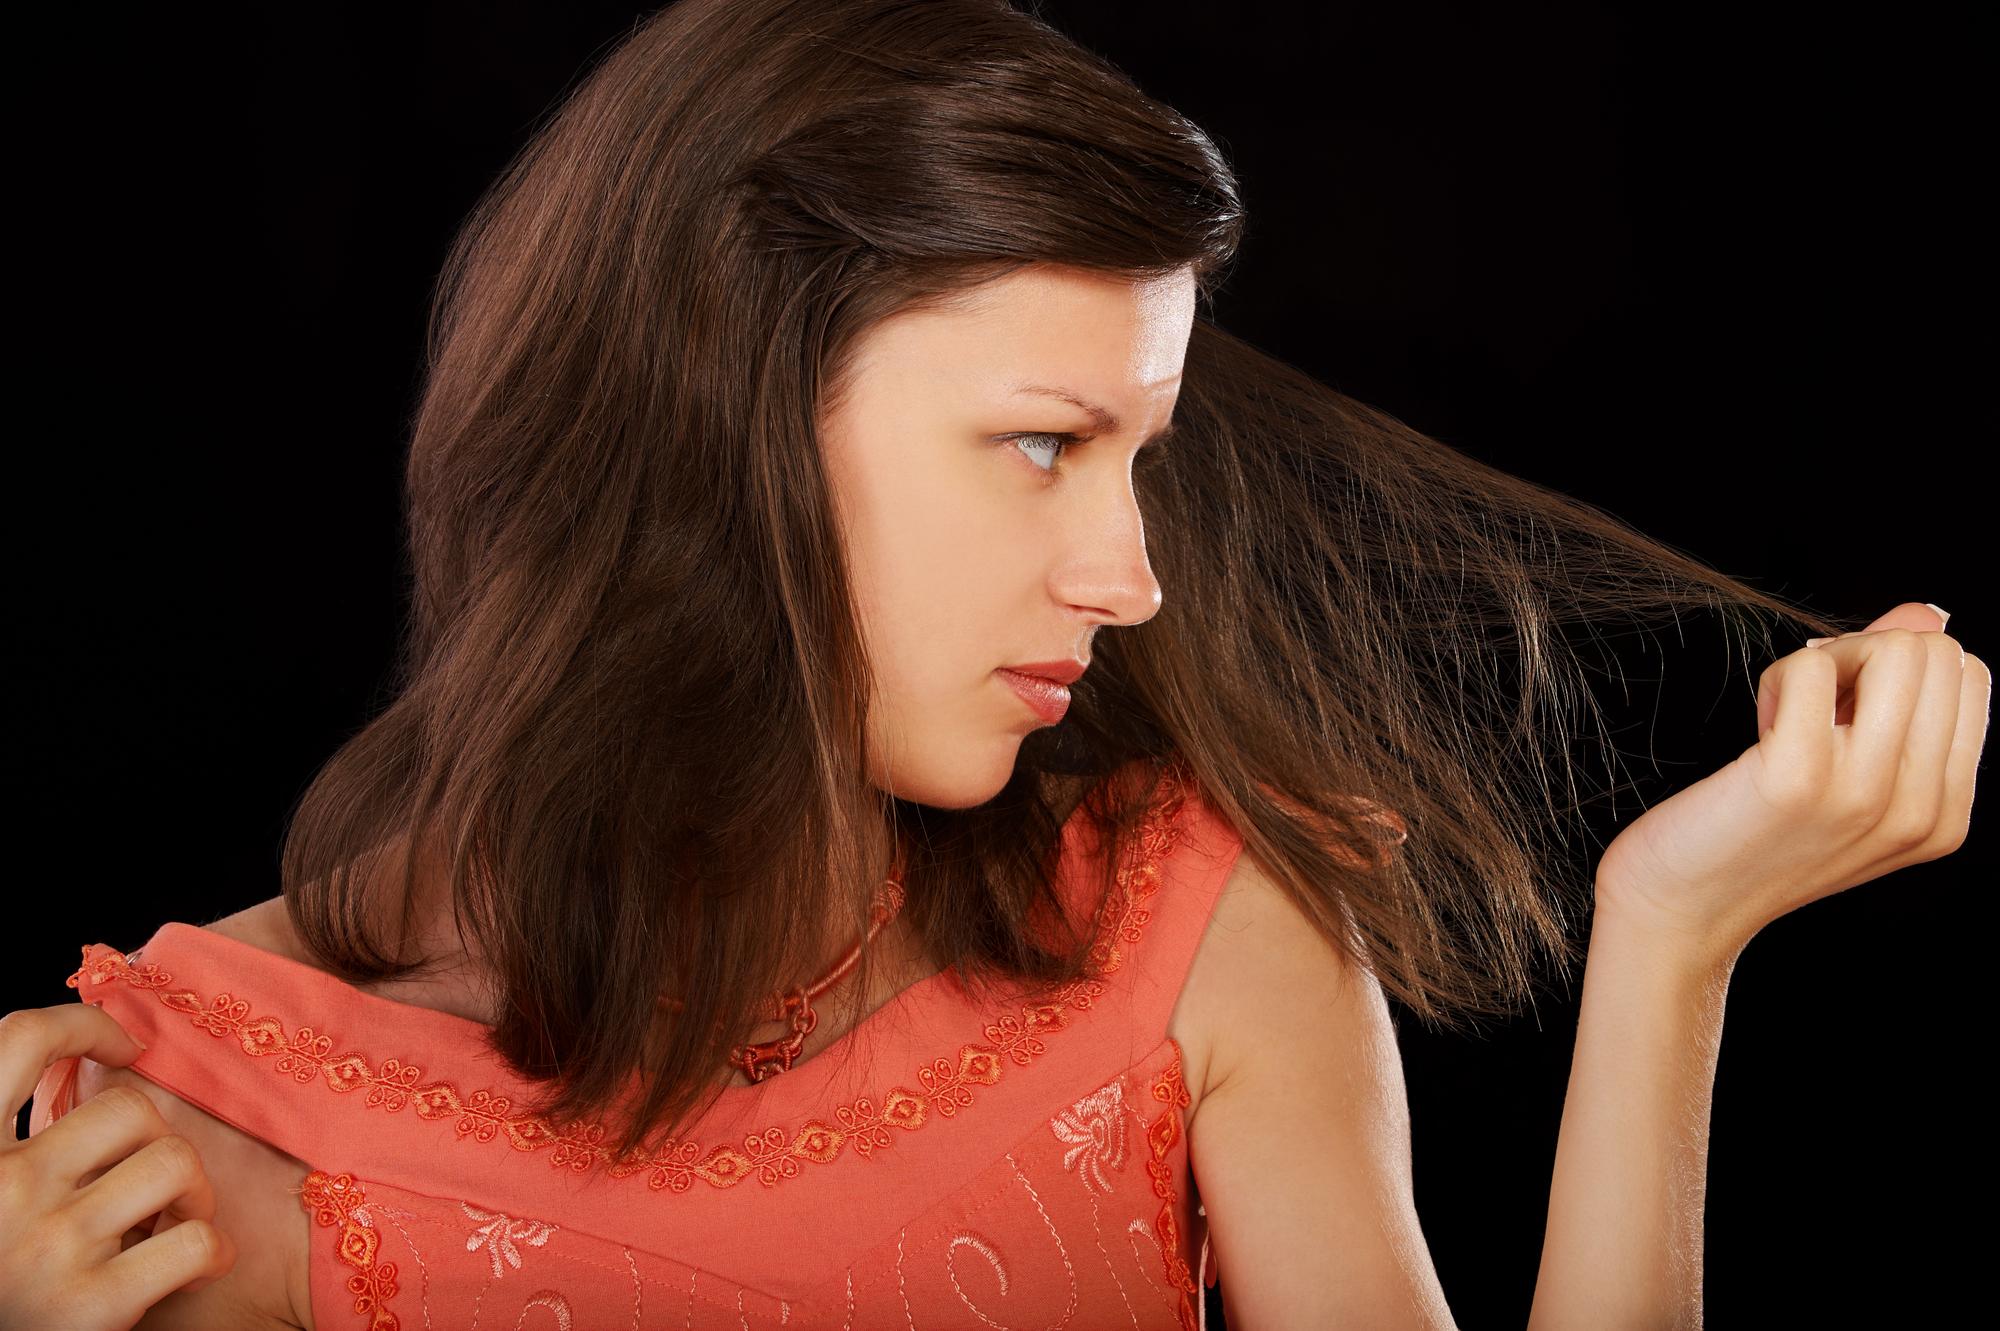 О каких проблемах со здоровьем могут рассказать волосы